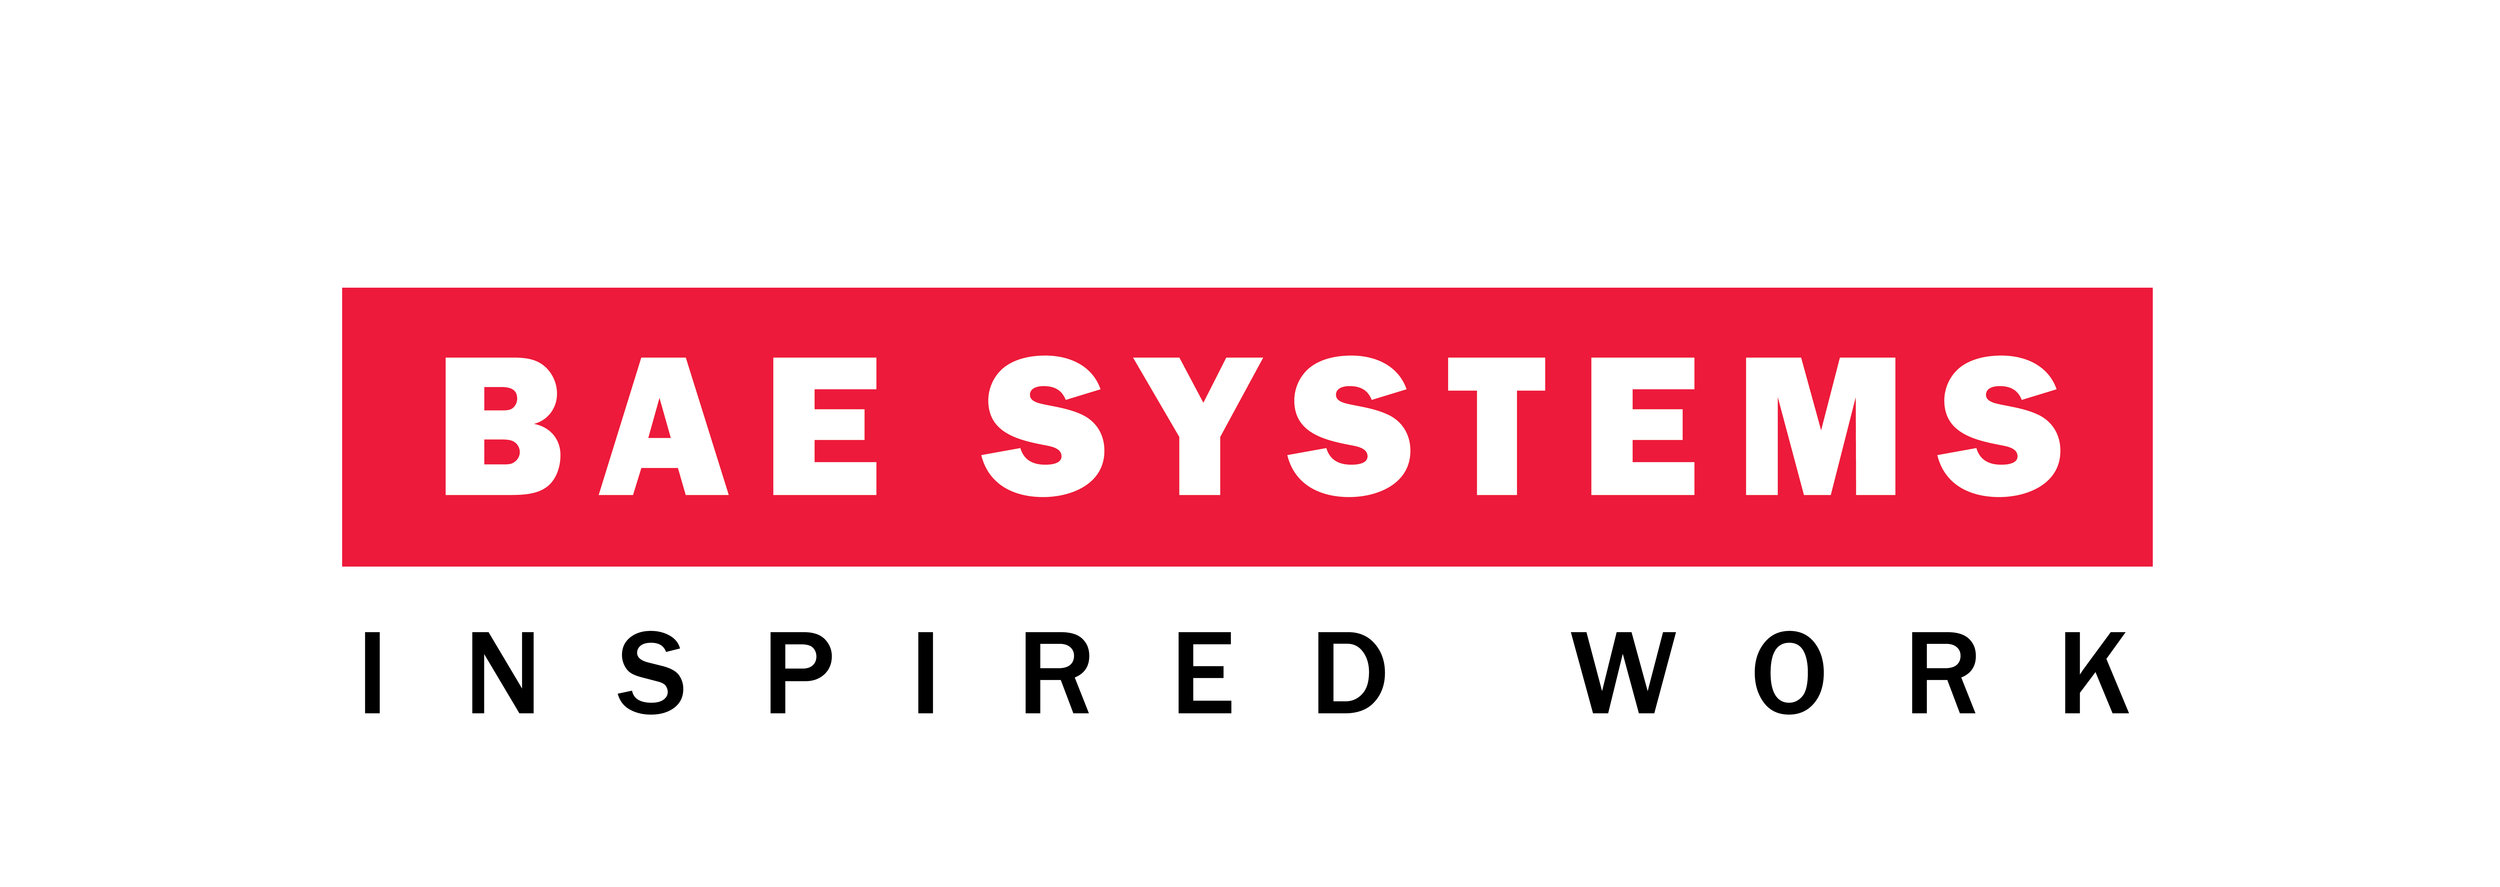 BAE logo_INSPIRED_black_0.75Mwide.jpg